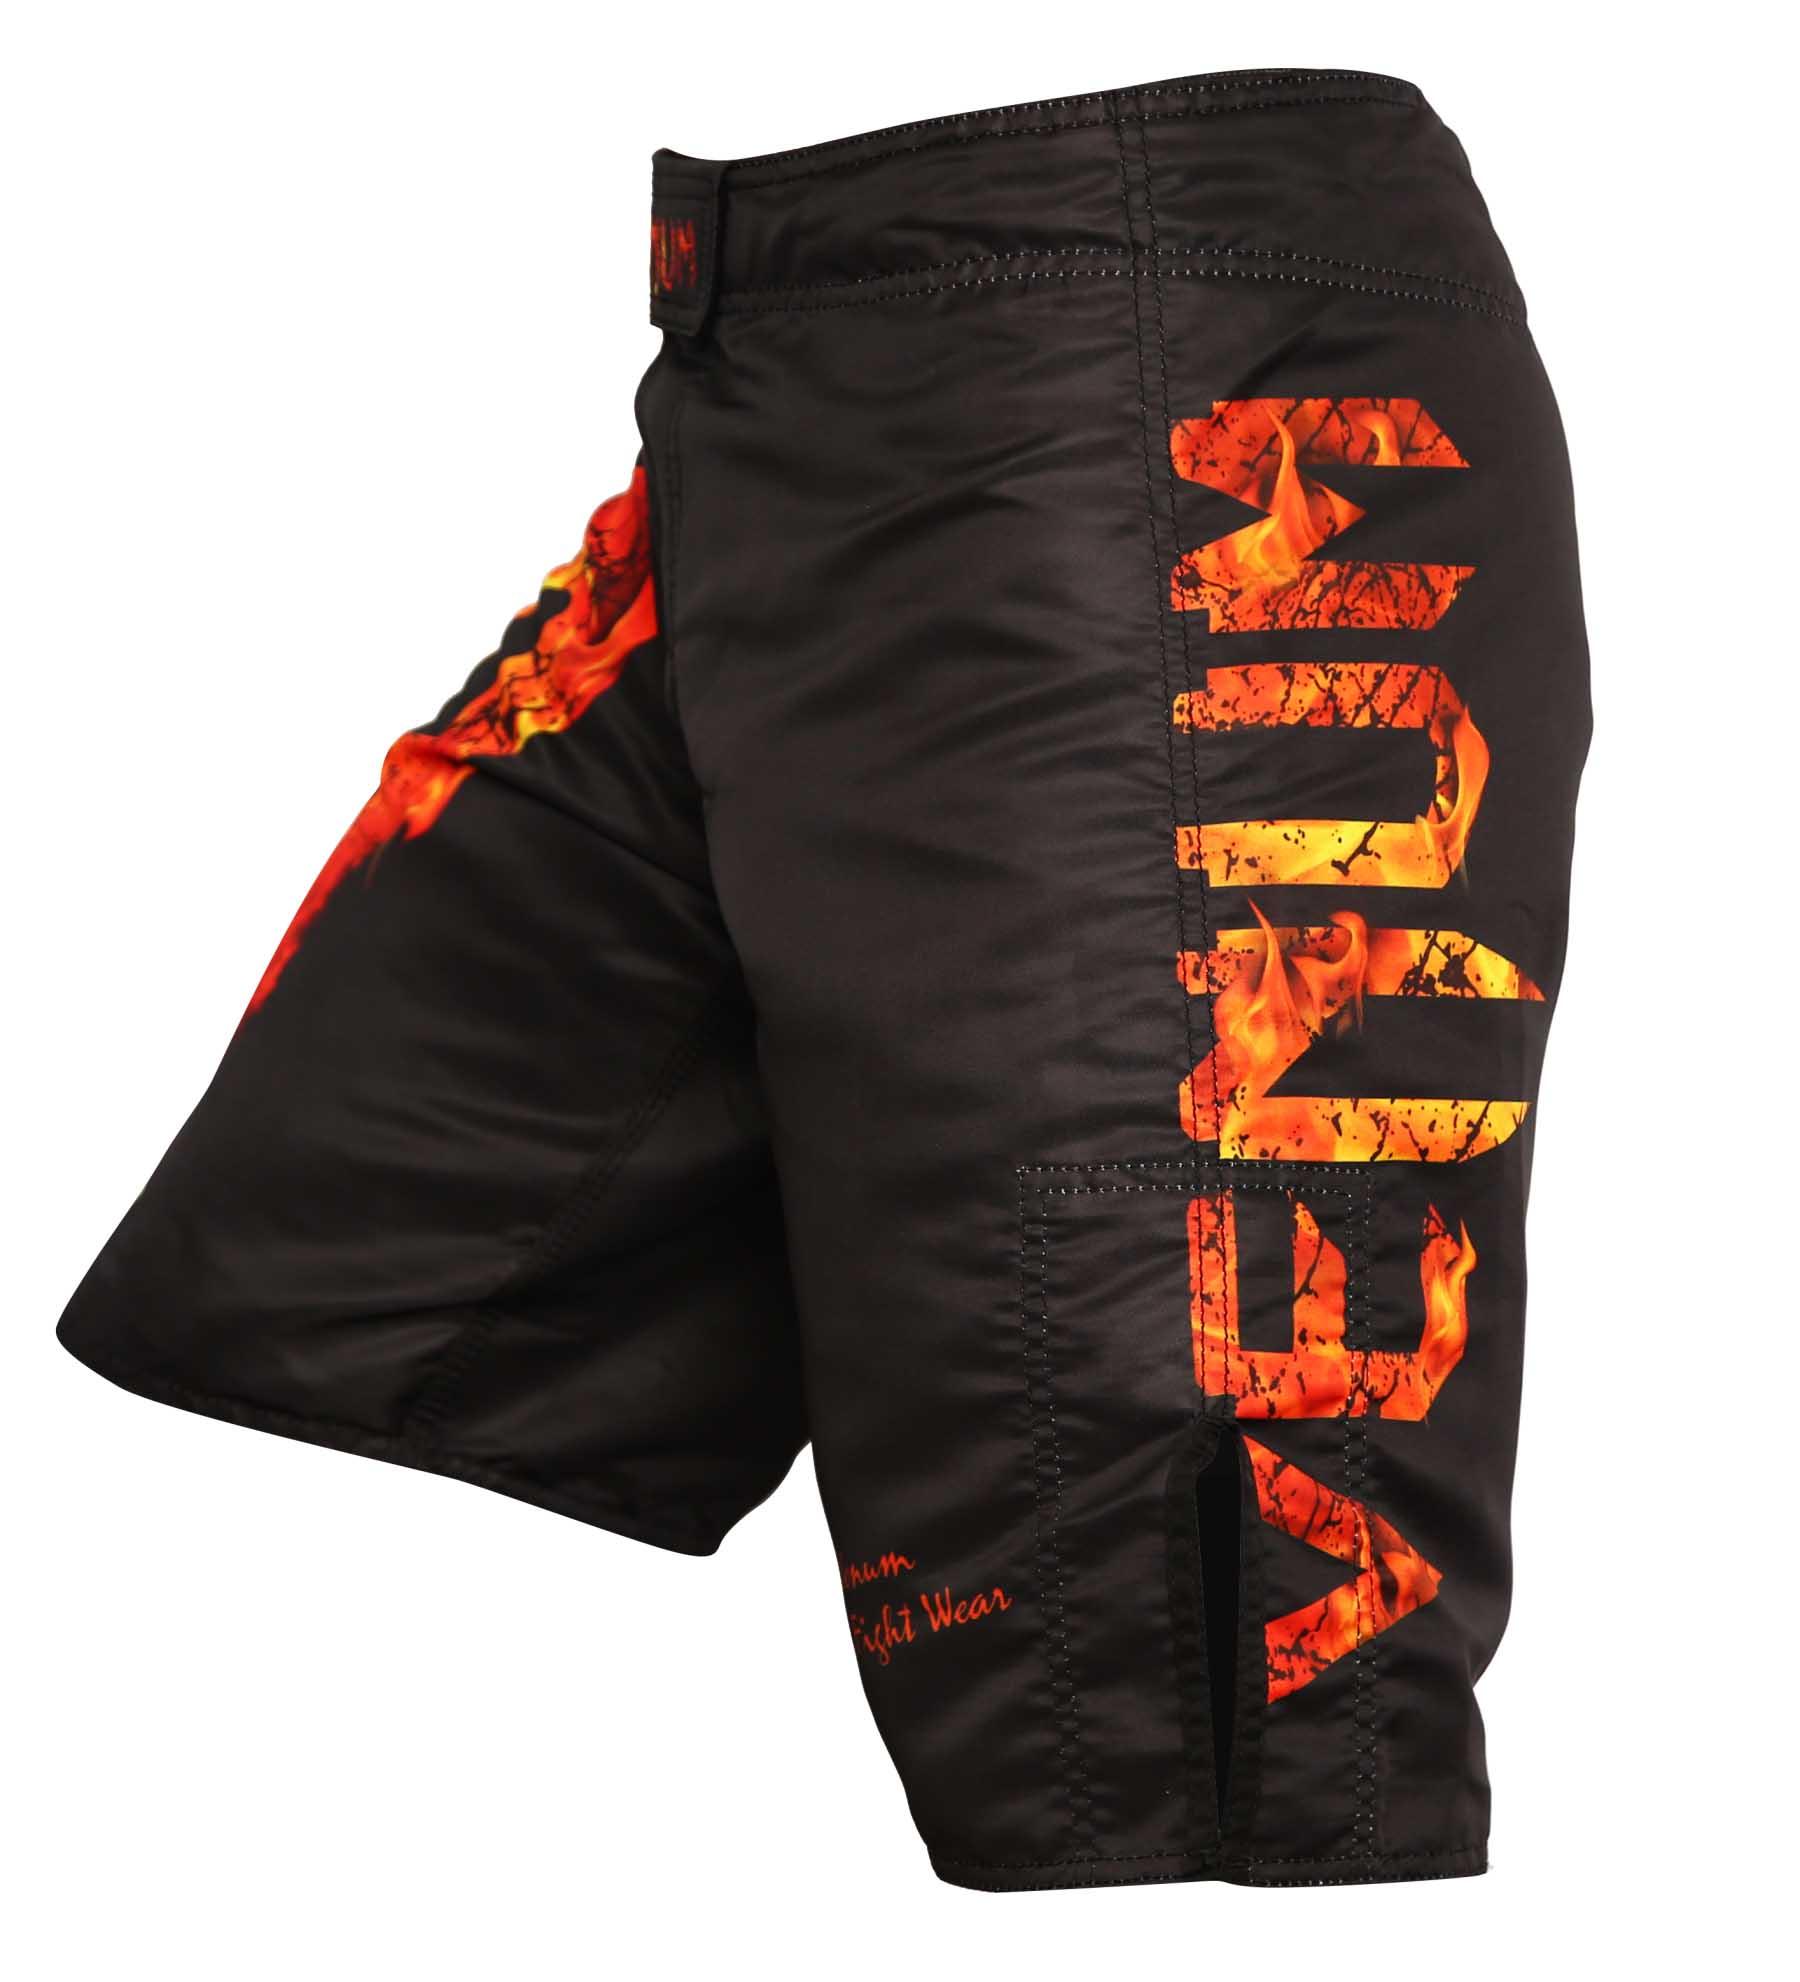 Bermuda MMA Giant Fire 2019 - Preto/Vermelho - Venum Fight  - Loja do Competidor